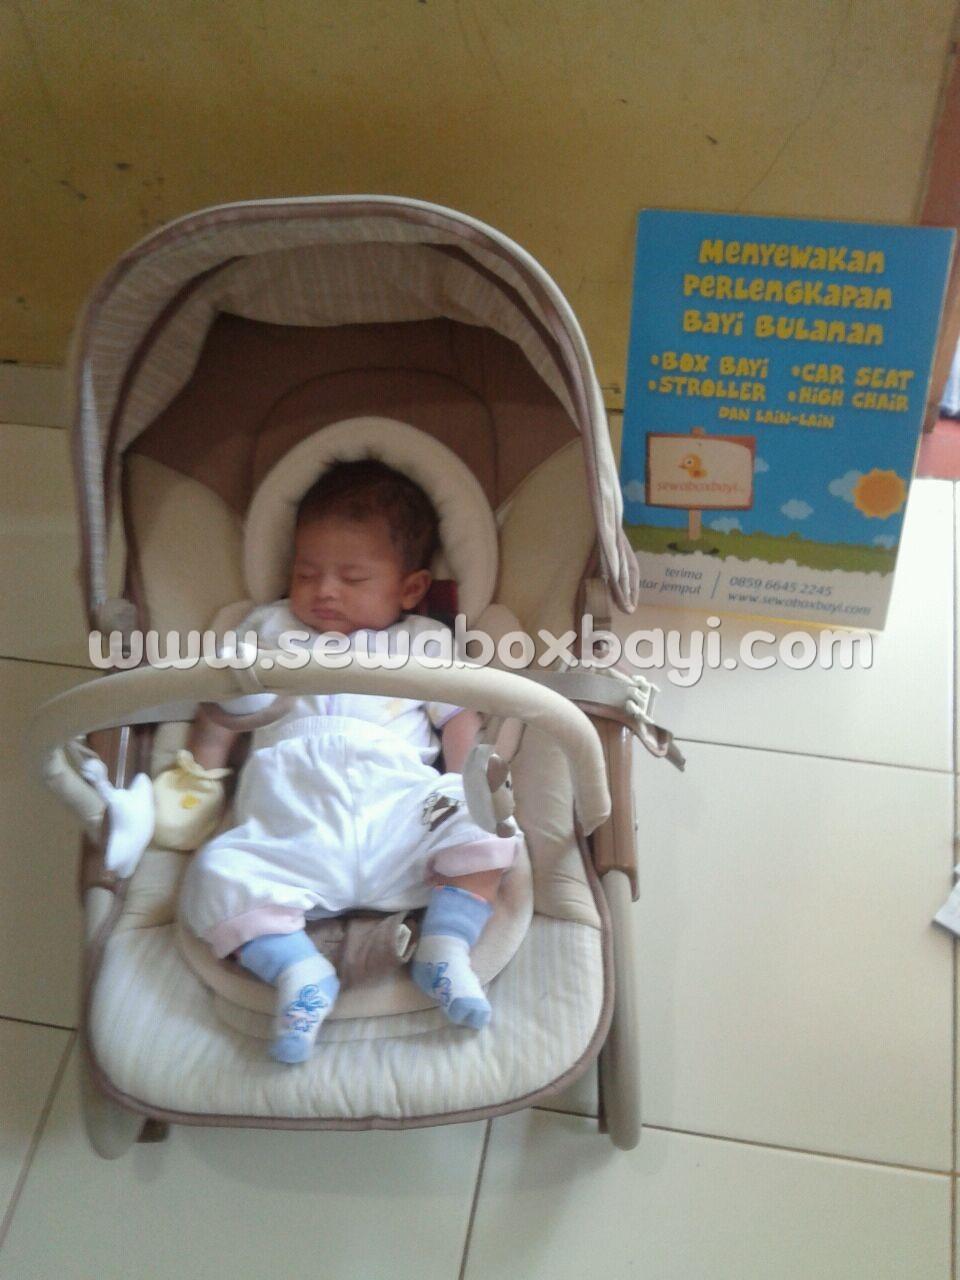 angga bintaro kodam rental bouncer bayi